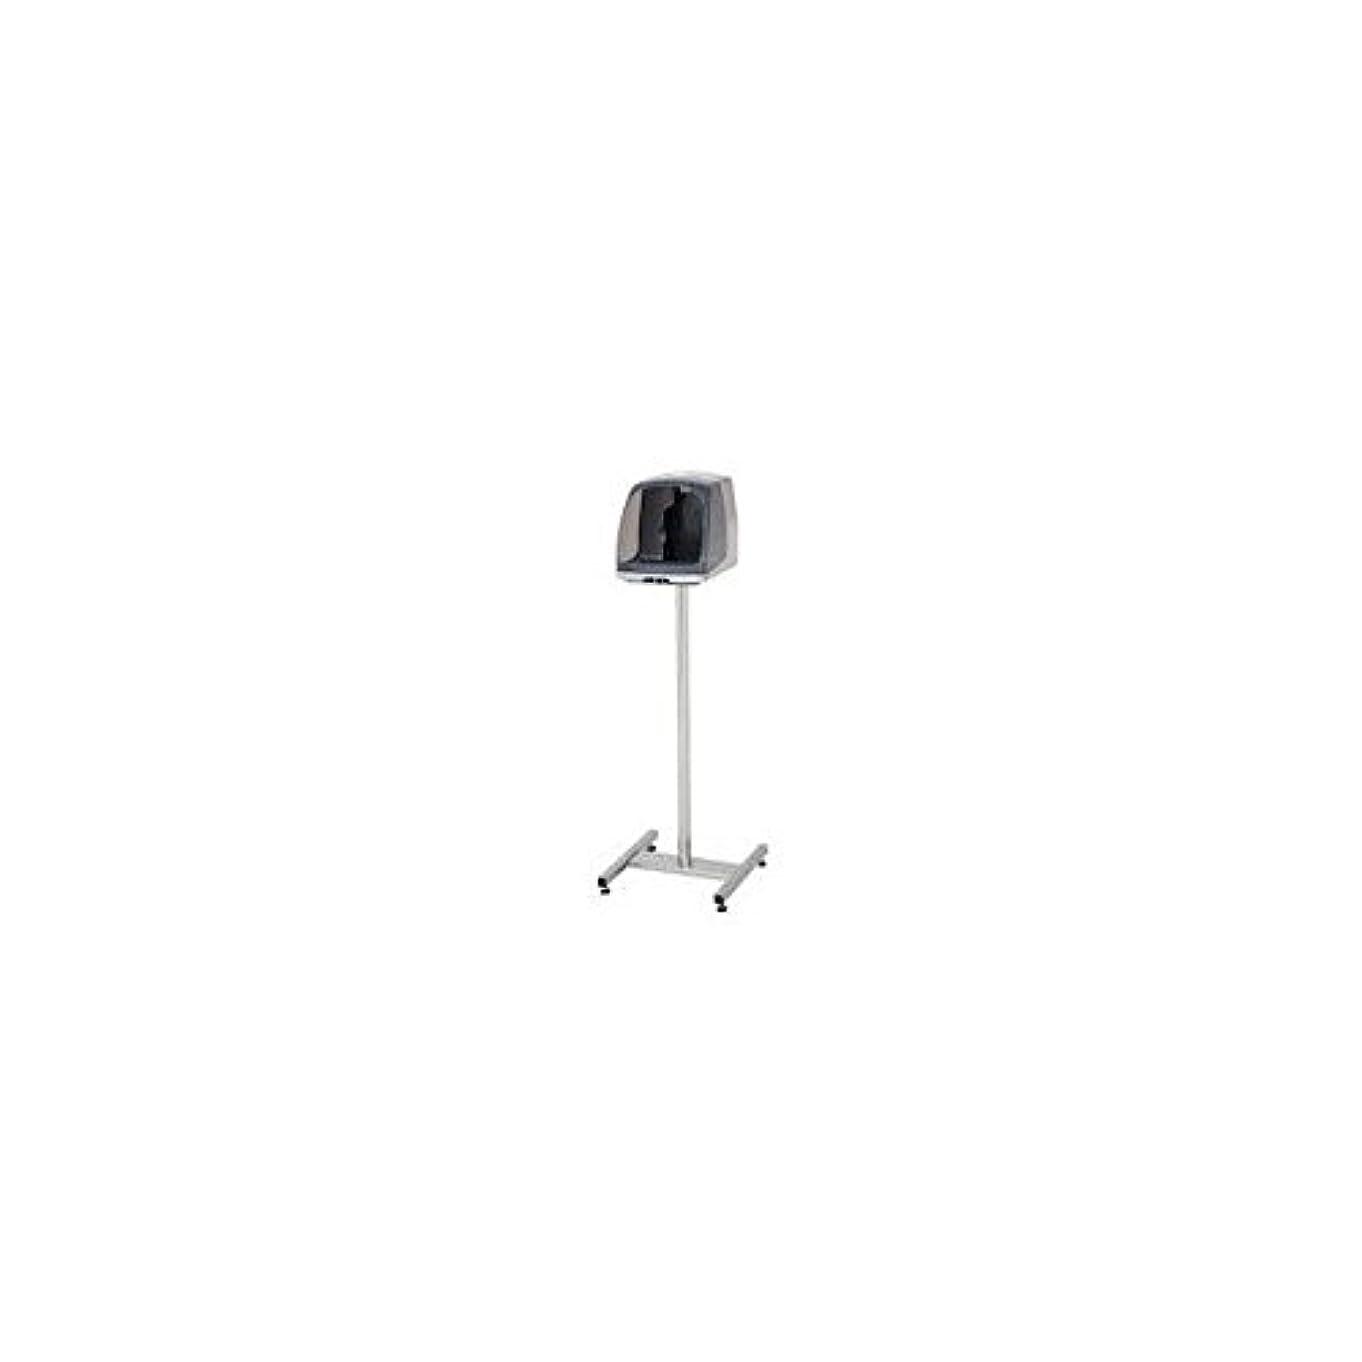 副誤閲覧する自動手指消毒器 HDI-9000用 架台スタンド キャスターなし 【品番】XSY8501